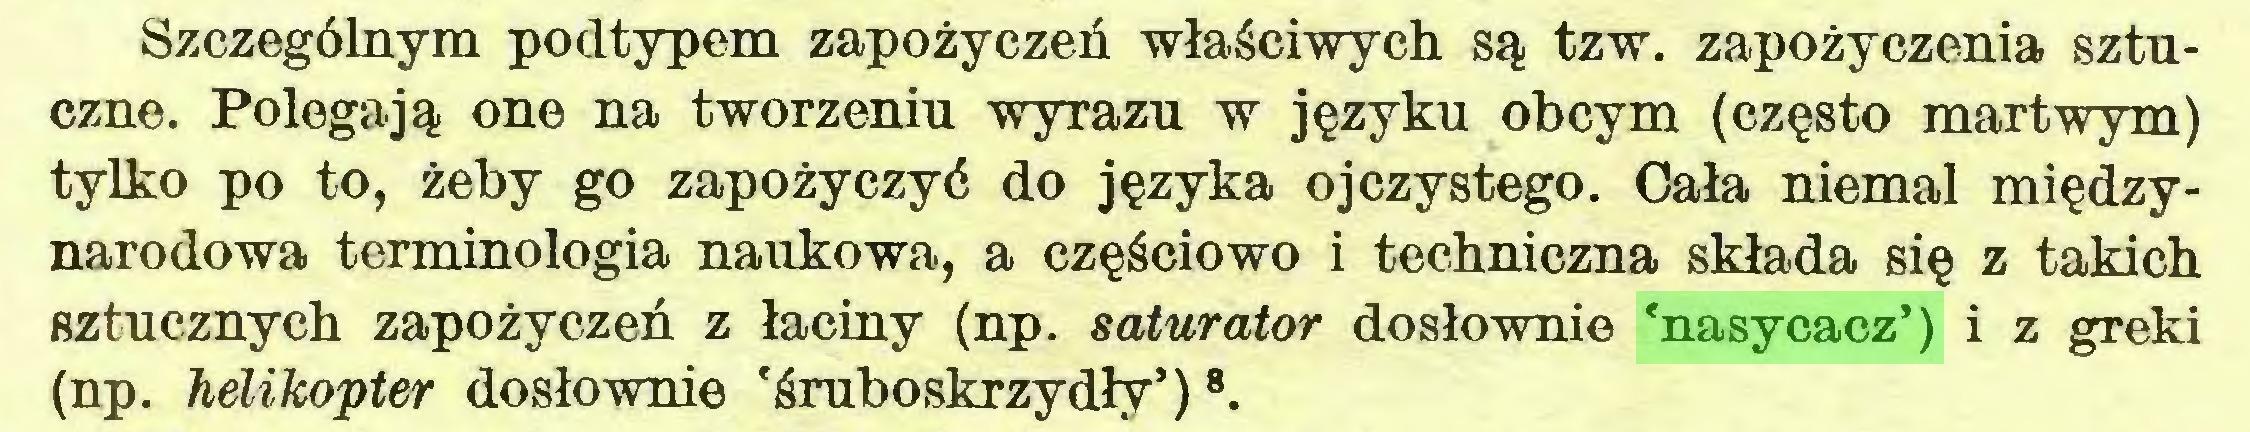 (...) Szczególnym podtypem zapożyczeń właściwych są tzw. zapożyczenia sztuczne. Polegają one na tworzeniu wyrazu w języku obcym (często martwym) tylko po to, żeby go zapożyczyć do języka ojczystego. Cała niemal międzynarodowa terminologia naukowa, a częściowo i techniczna składa się z takich sztucznych zapożyczeń z łaciny (np. saturator dosłownie 'nasycacz') i z greki (np. helikopter dosłownie 'śruboskrzydły')8...